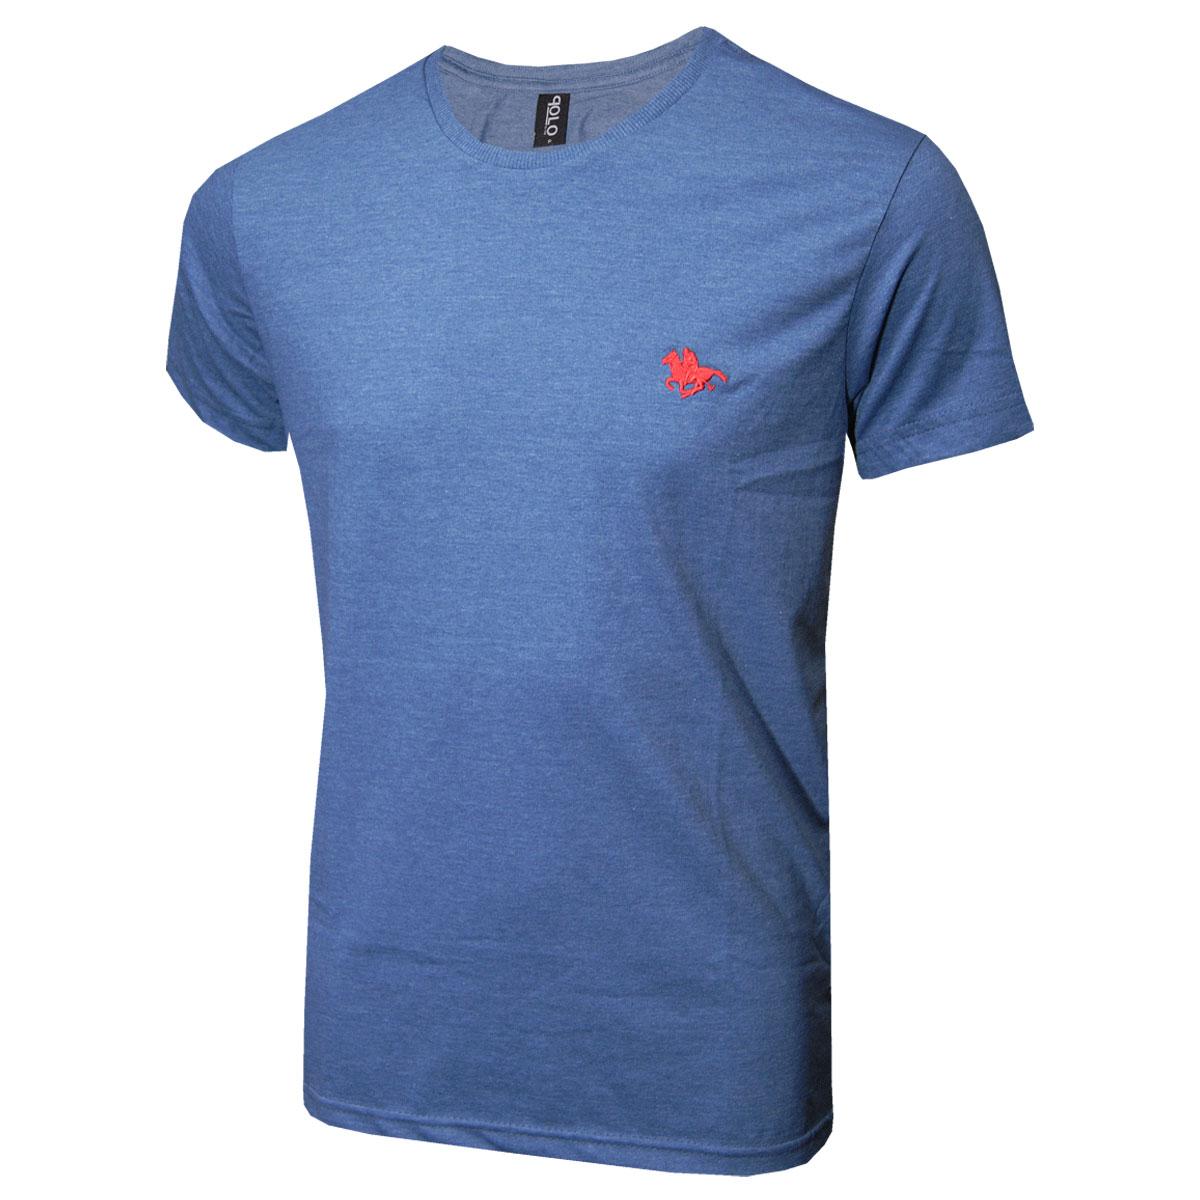 Camiseta Básica com Logo Bordado Cores Polo RG518